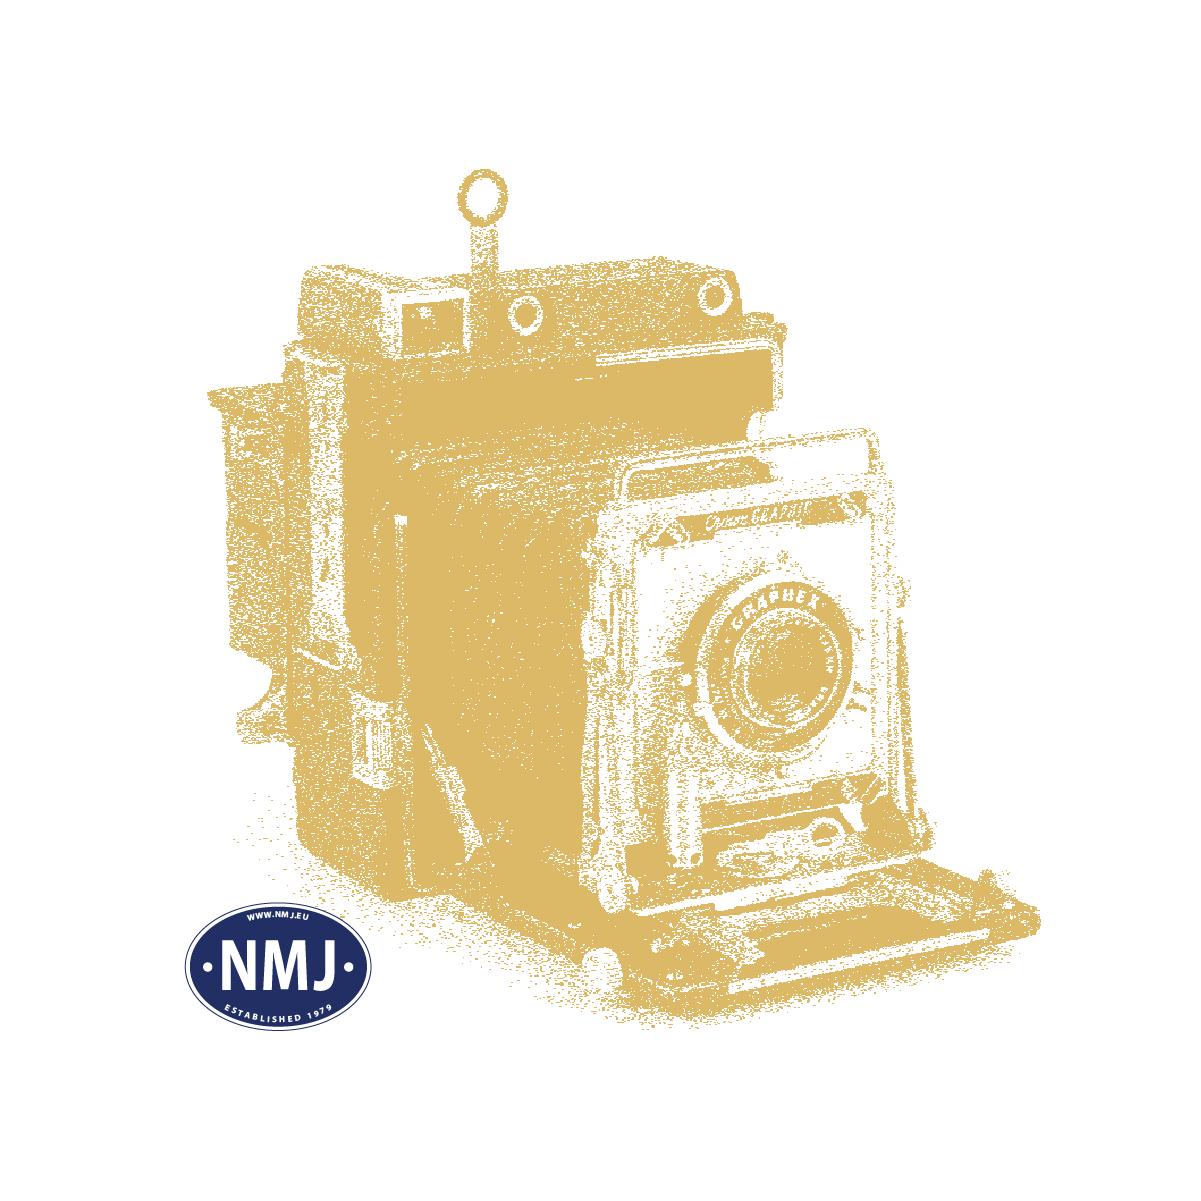 NJKSL12 - Skinnelangs 2012, railroadbook